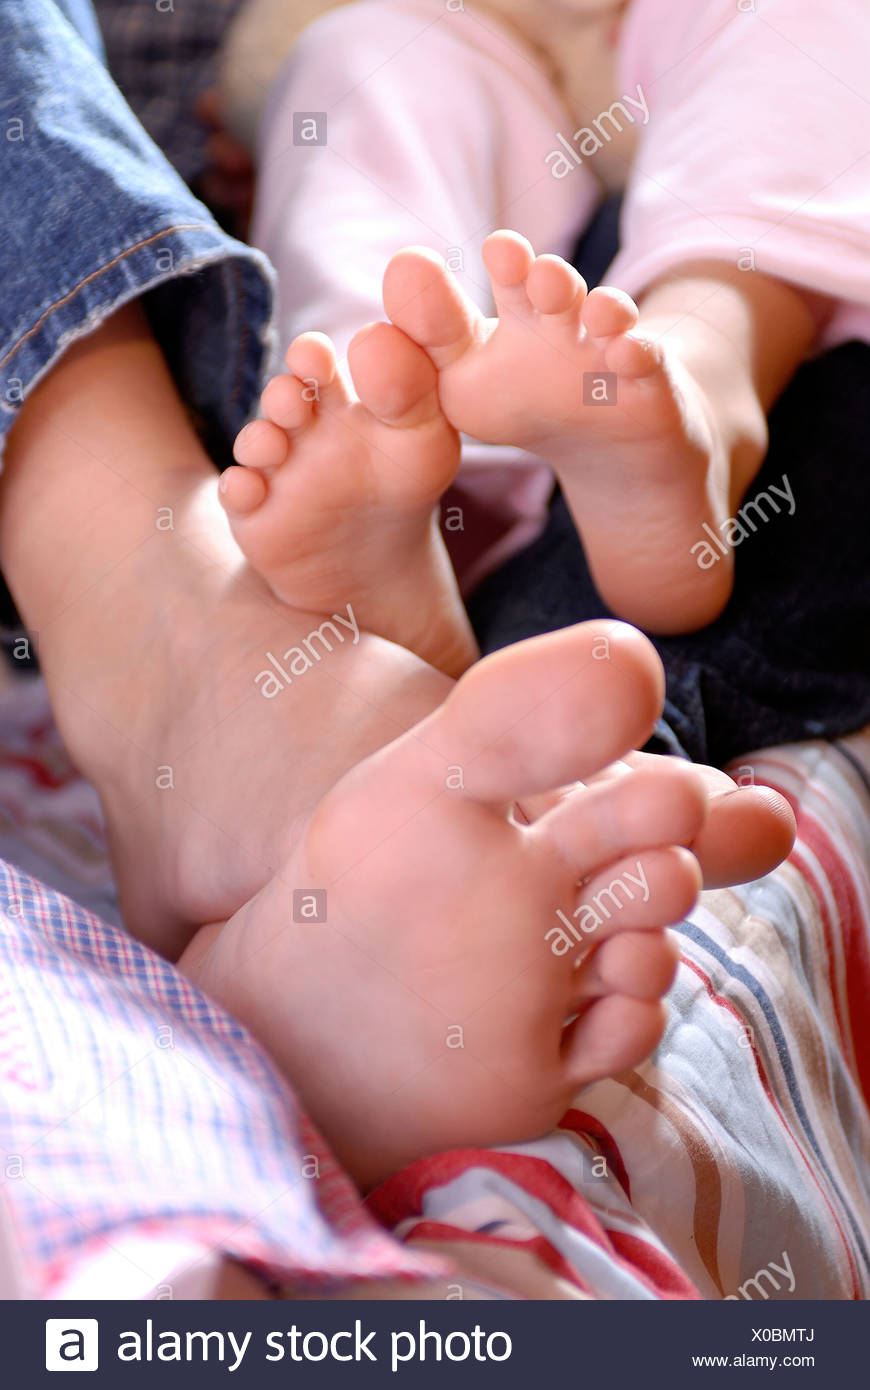 Piccoli e grandi piedi nel letto, scalzi, coccole, bambini nel letto Immagini Stock